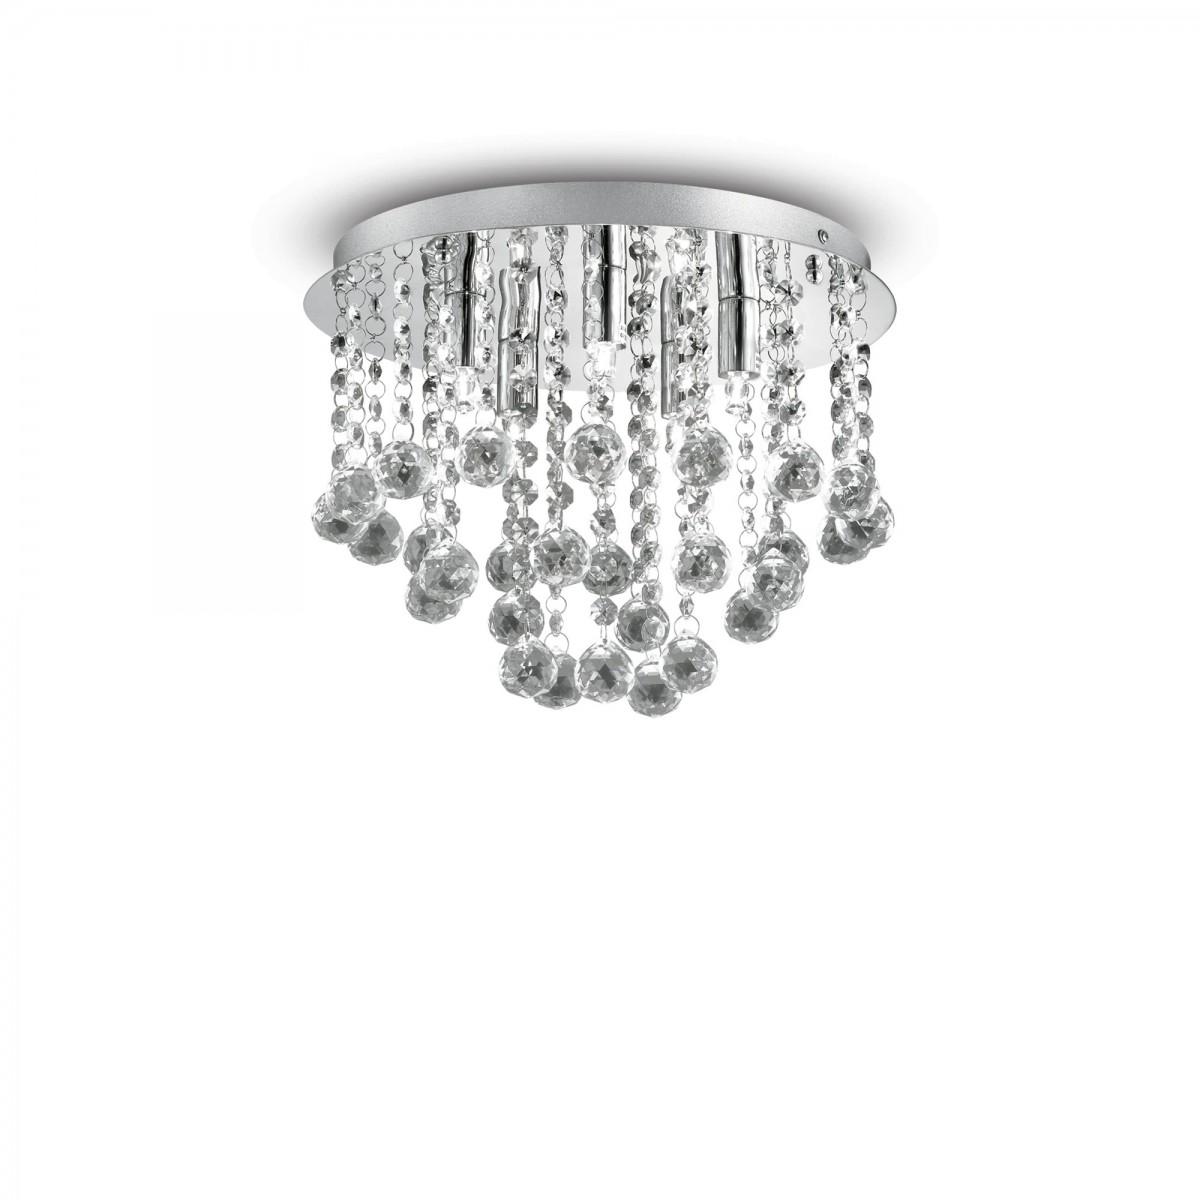 přisazené stropní svítidlo Ideal lux Bijoux PL5 089485 5x40W G9 - šperk domova